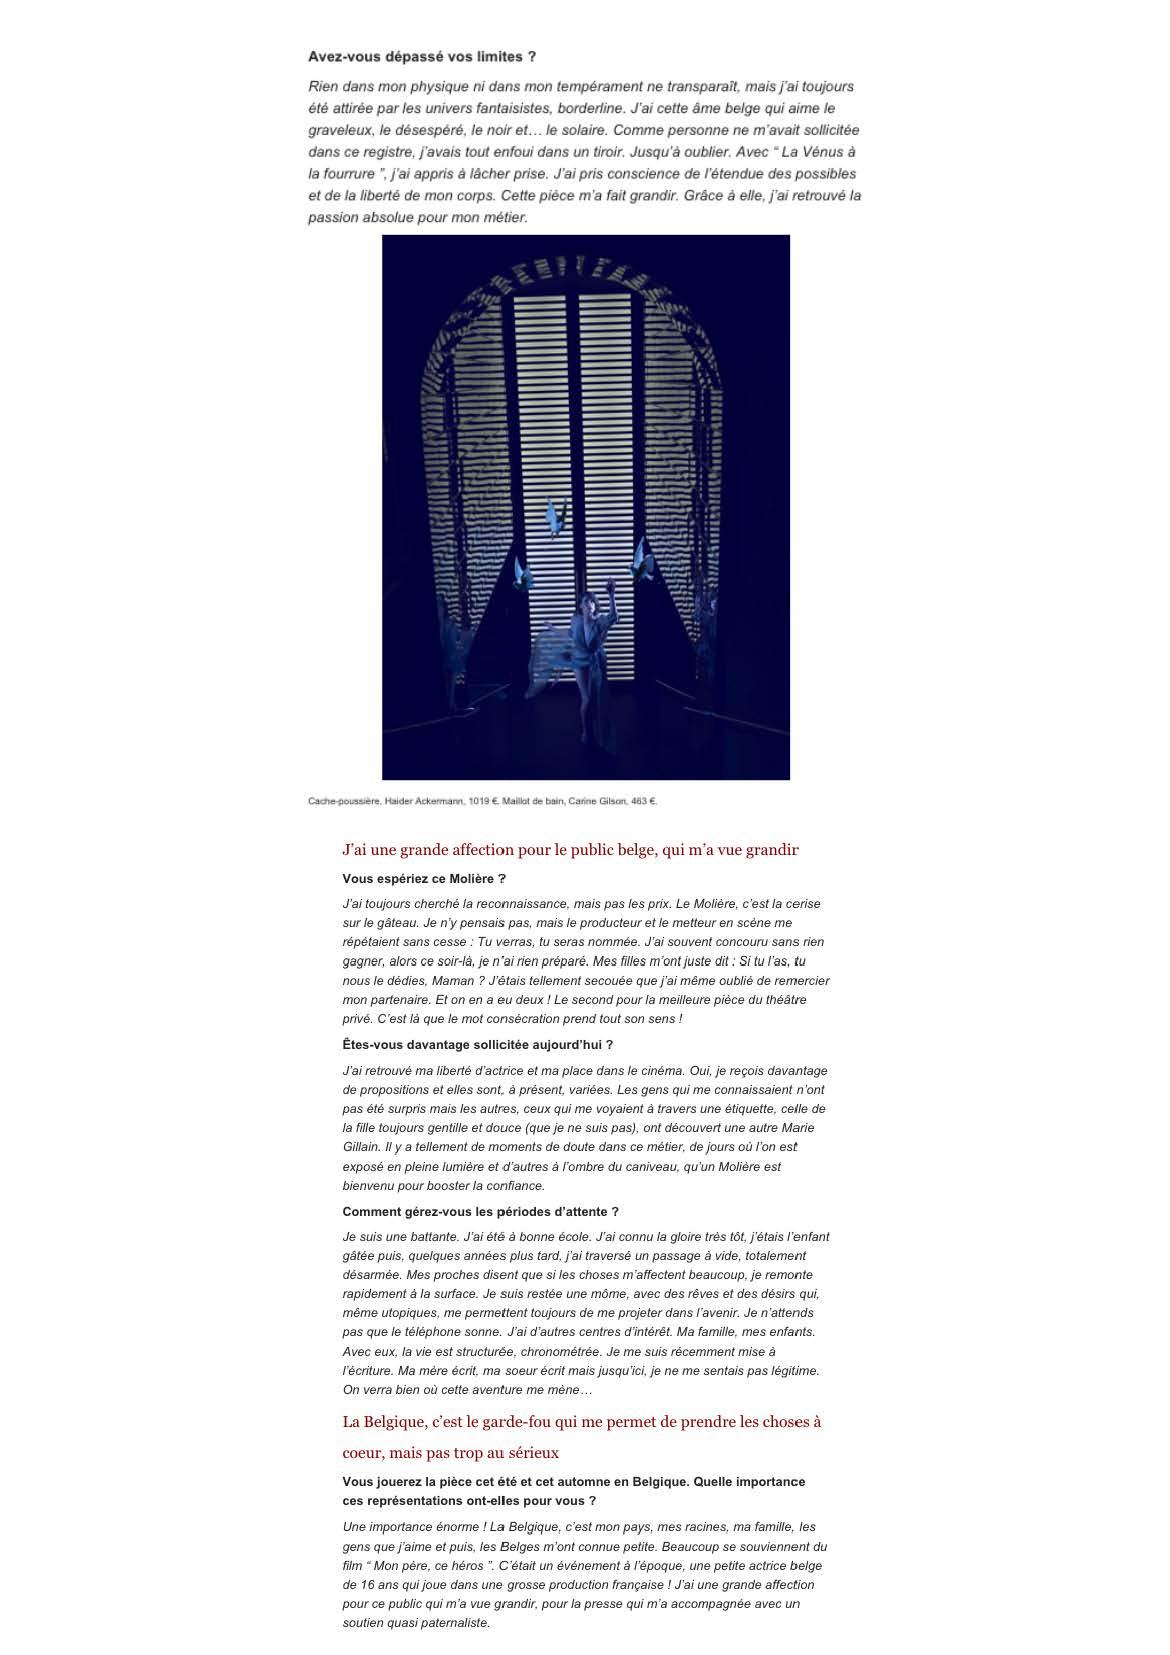 Le Soir 10.06.15 page 2/4